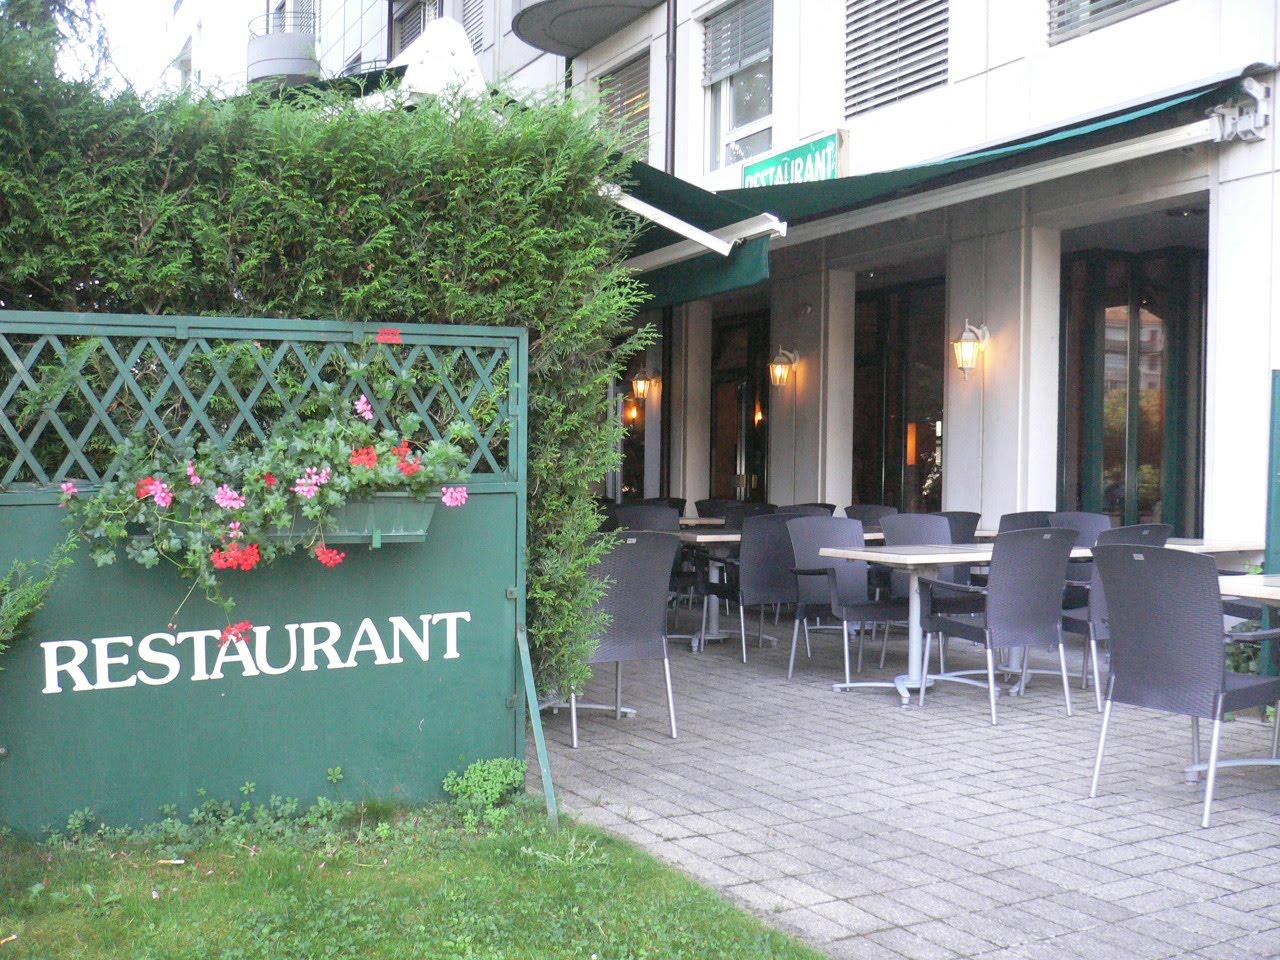 Les Poulettes Et Leurs P Tits Poulets à Genève Restaurant